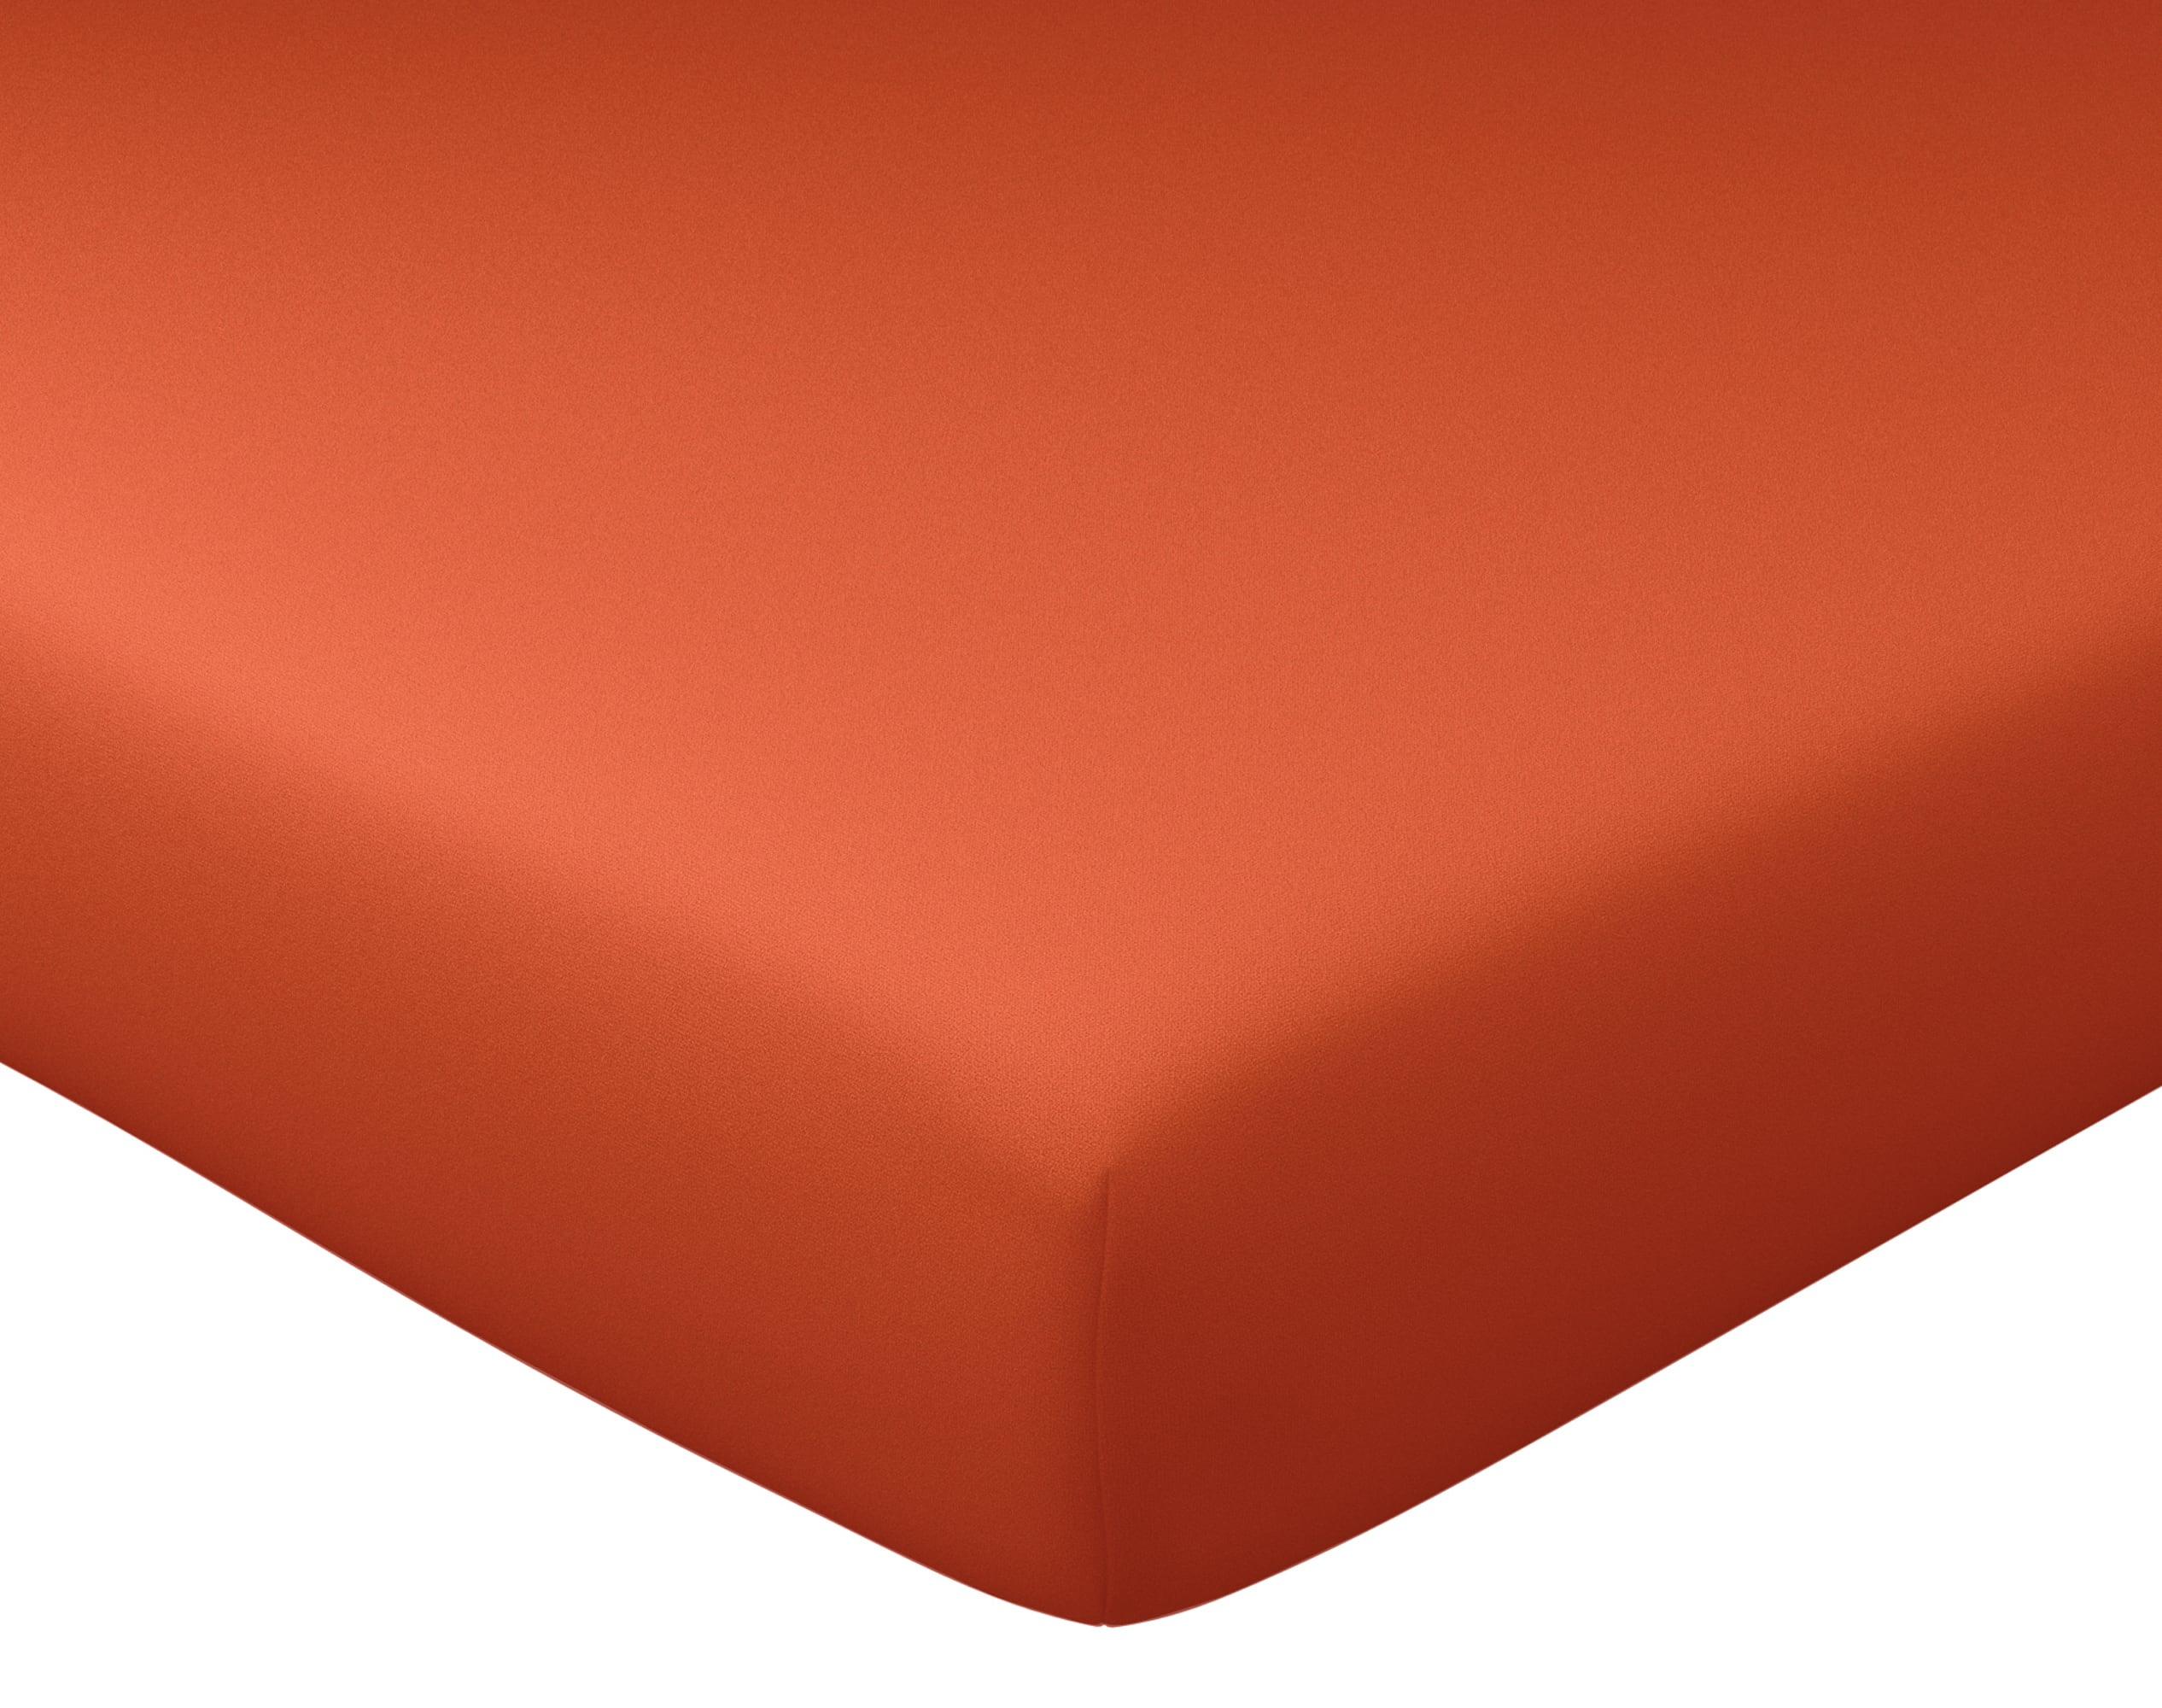 Drap-housse 90x190 en percale de coton orange terracotta